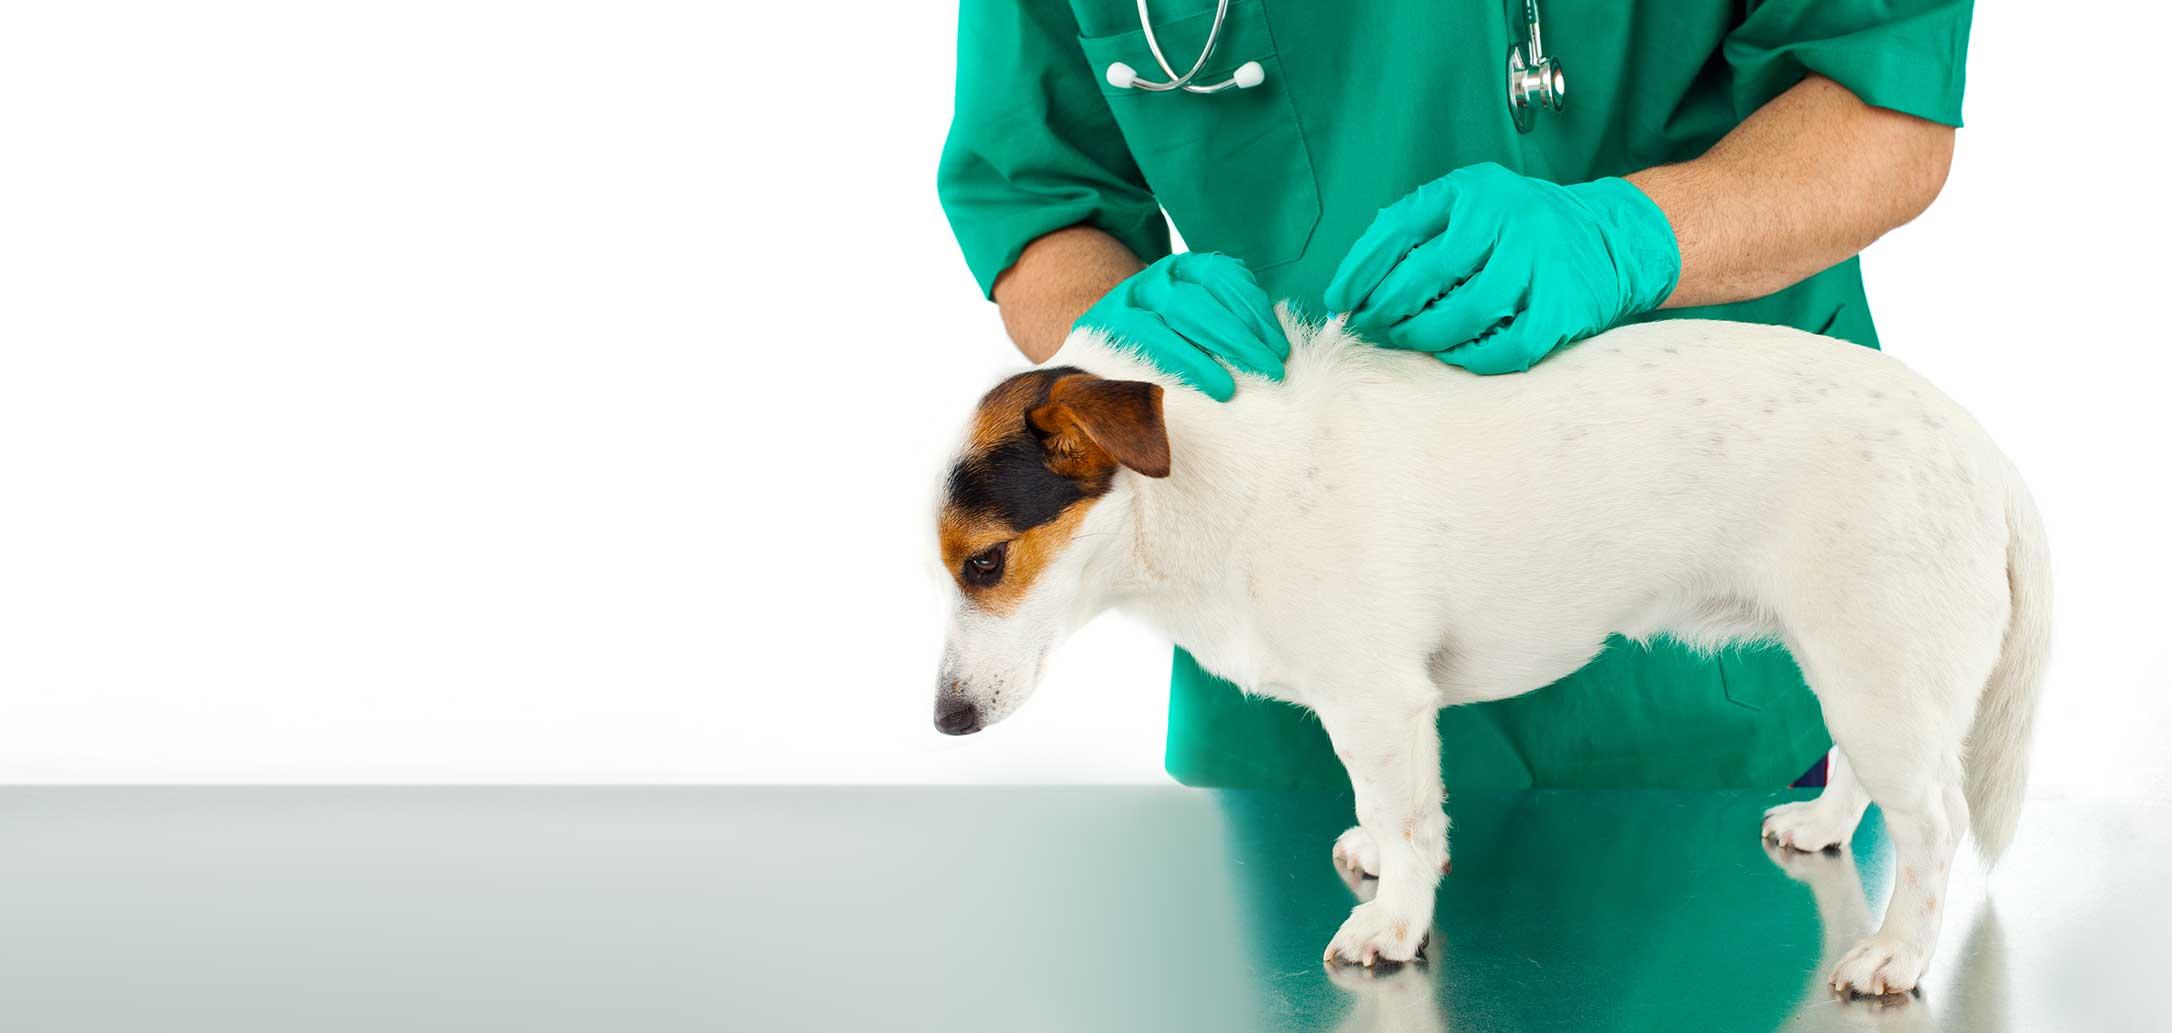 Vétérinaire qui vaccine un chien. Clinique vétérinaire Lachine